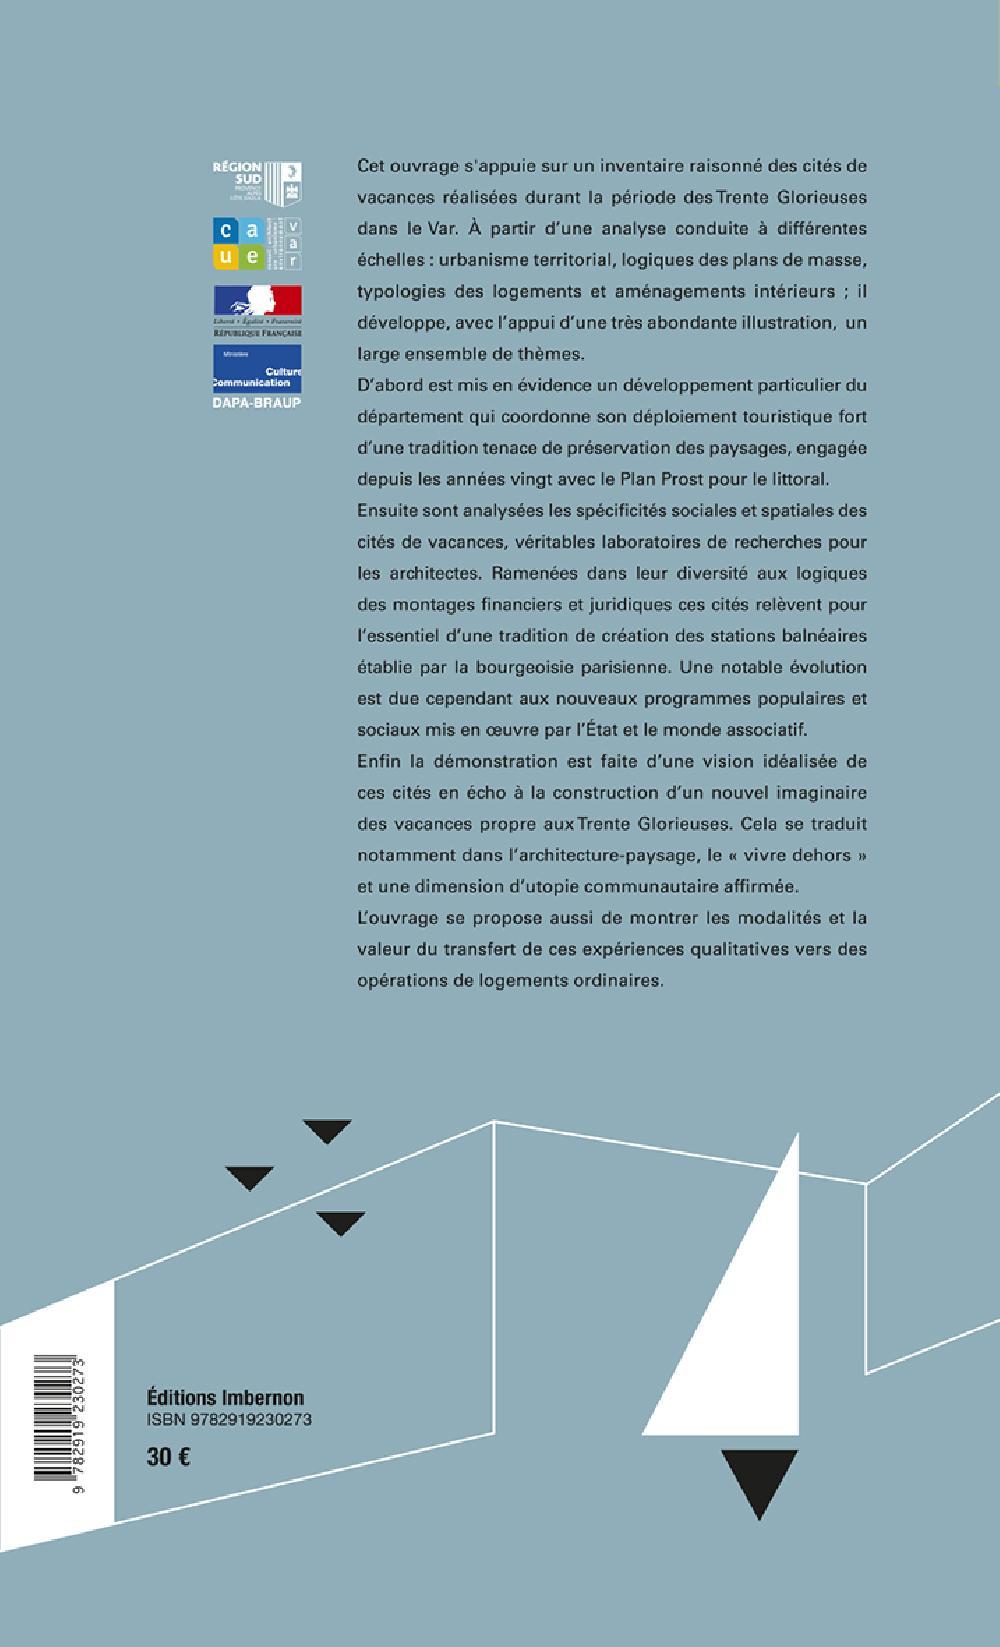 Habiter les vacances. Architectures & urbanisme sur le littoral du Var.